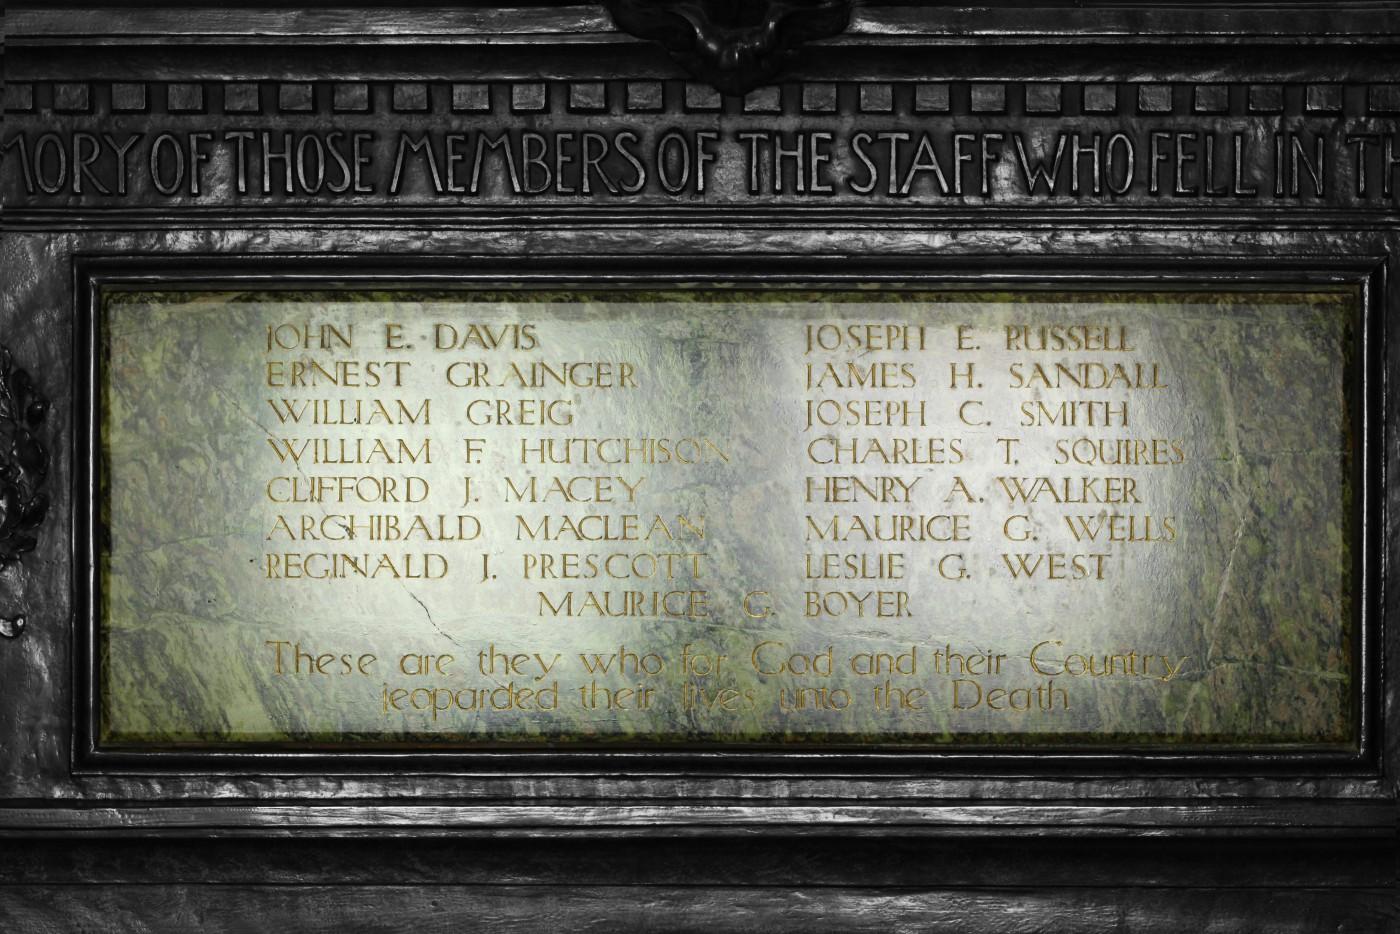 WWI_Memorial_names